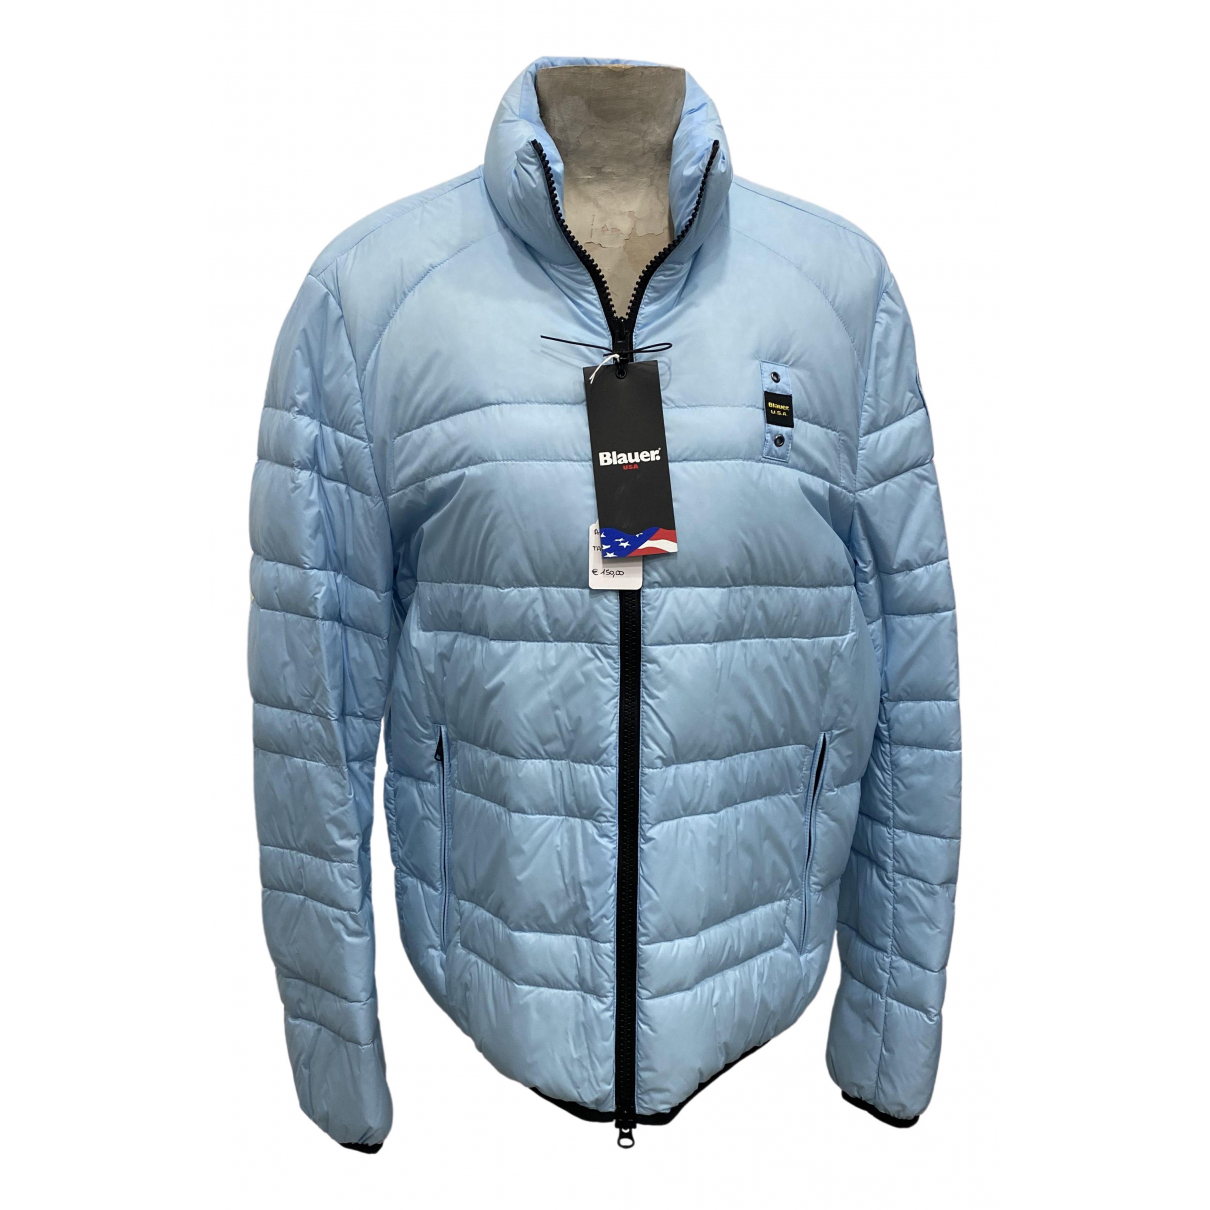 Blauer - Manteau   pour homme - turquoise